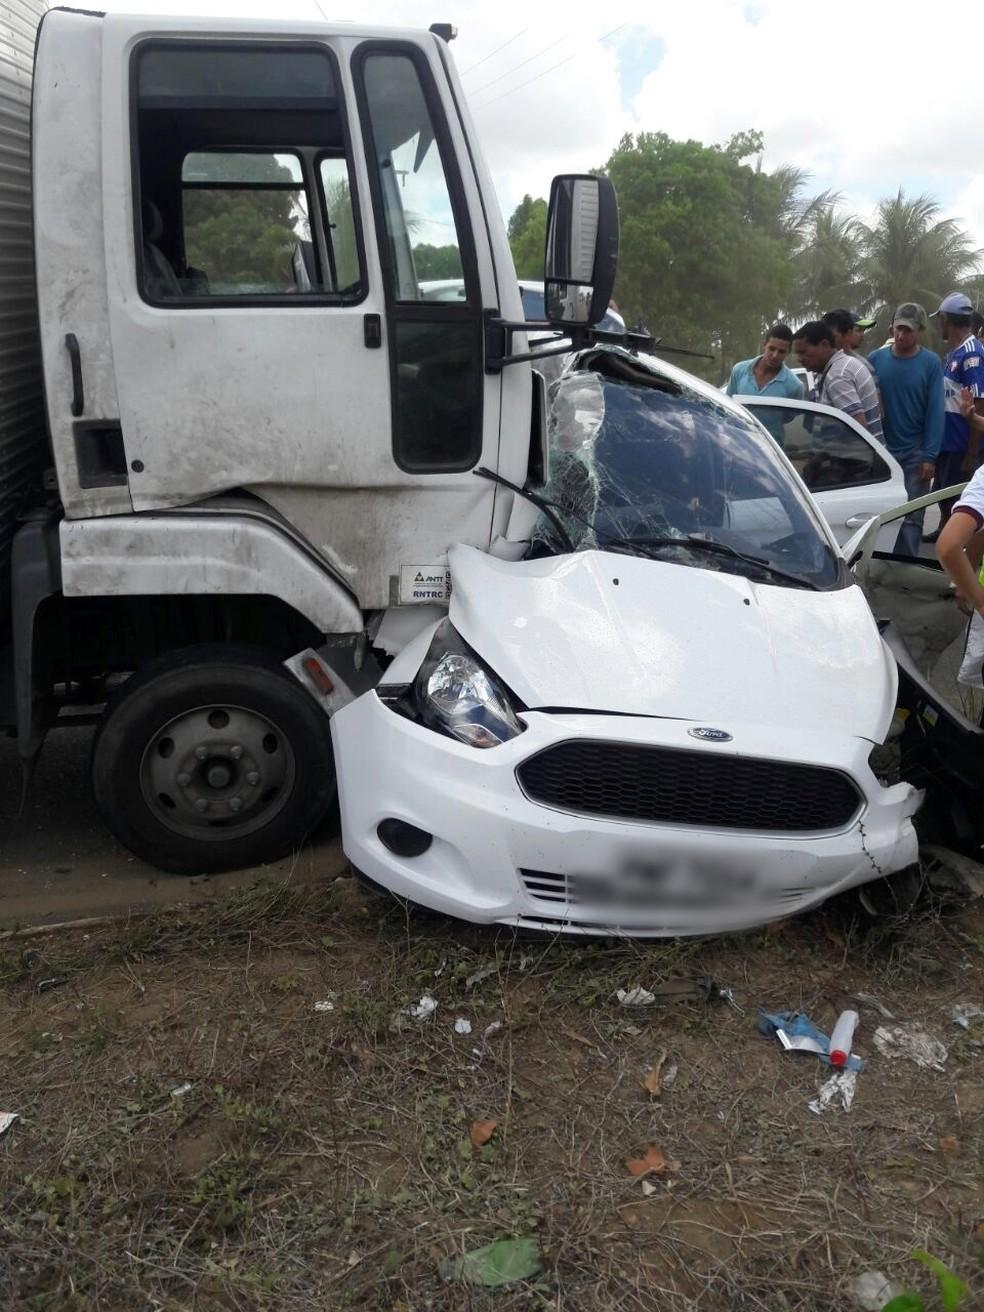 Homem morreu em acidente que aconteceu na Reta Tabajara, trecho da BR-304 na Região Metropolitana de Natal (Foto: PM/Divulgação)